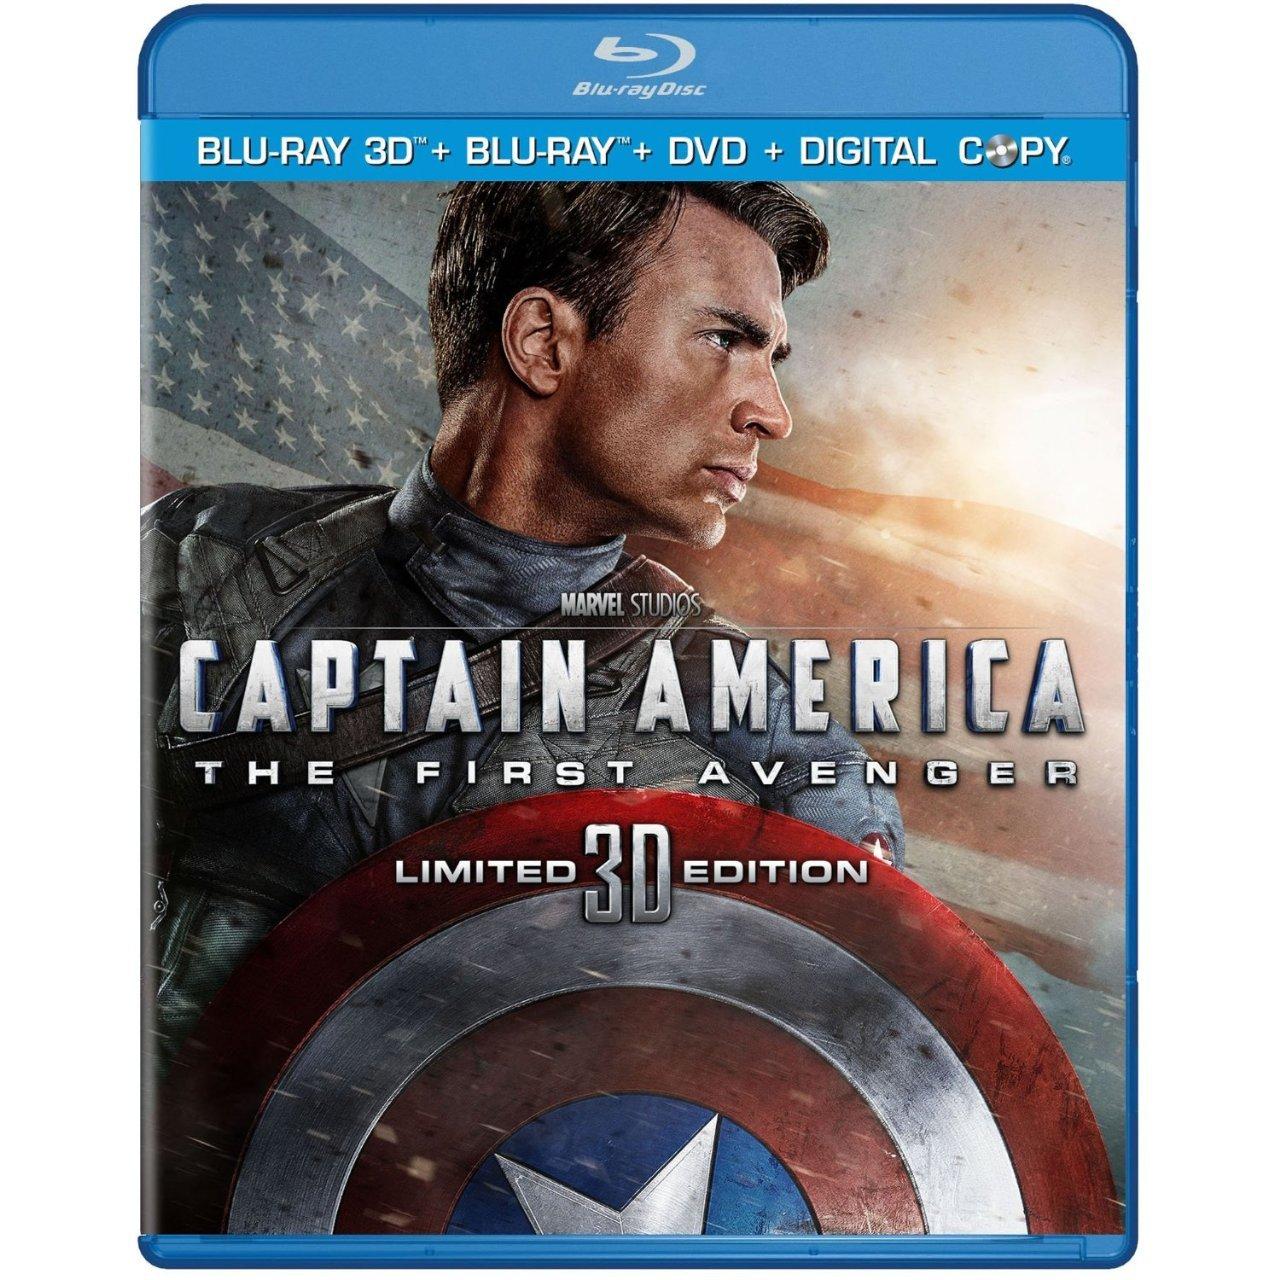 Captain america the first avenger 2011 - Captain America The First Avenger Streets On October 25th 2011 Advertisements